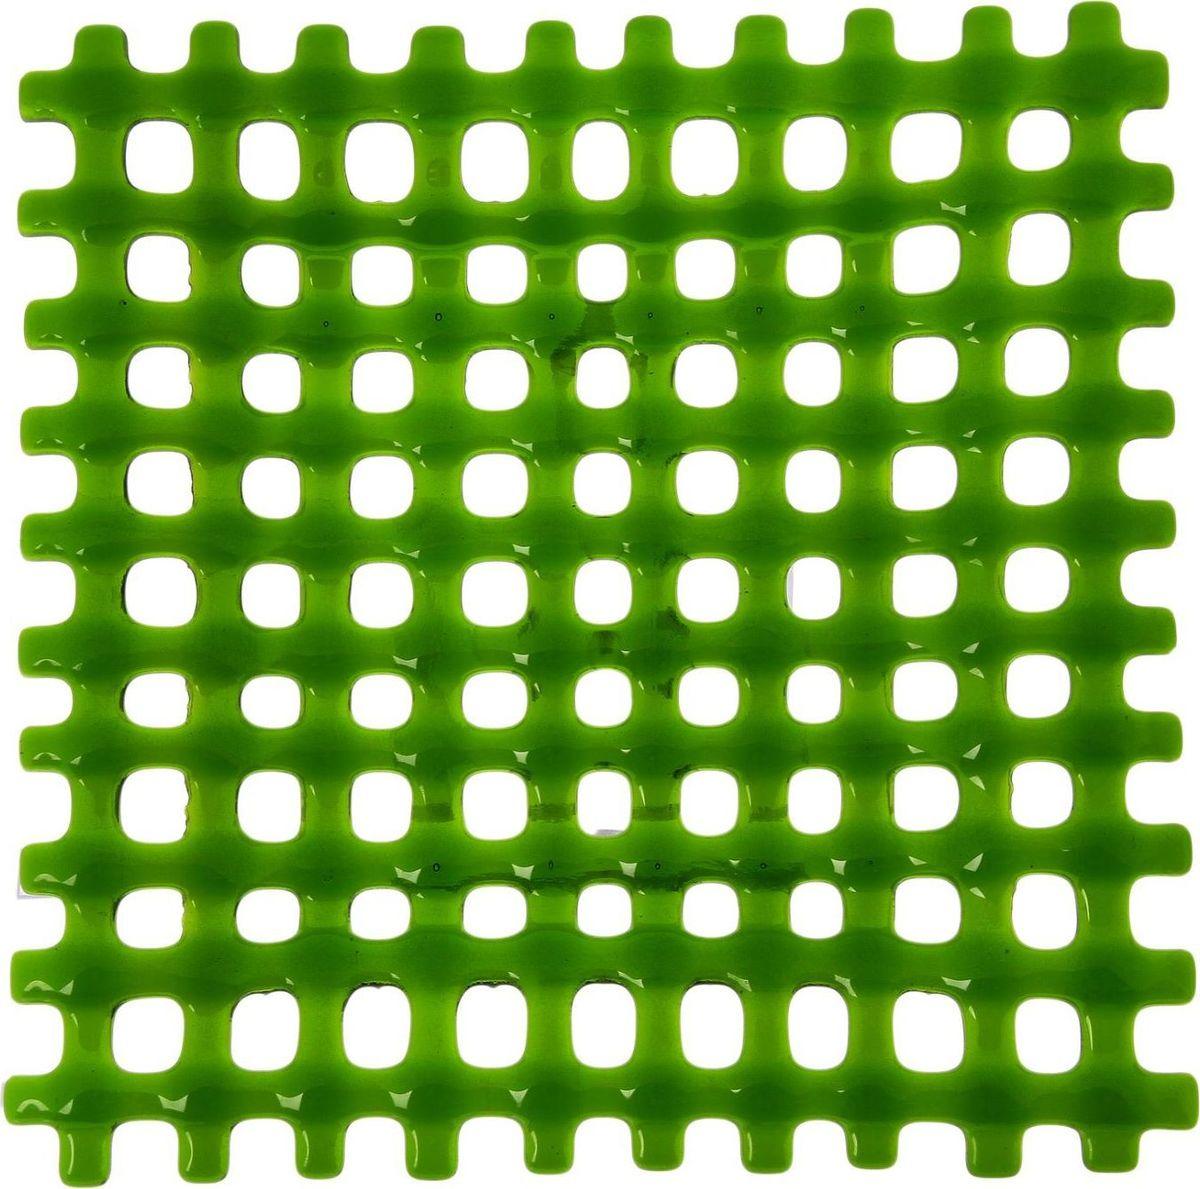 Тарелка декоративная Декостек Соломка, цвет: зеленый, 21 см. 22617602261760Оригинальная посуда — свидетельство особого отношения хозяев дома к гостям. Изделия изготовлены необычным образом: несколько видов стекла спекаются в печи при температуре около 800 градусов. В результате этого получается уникальный продукт, по внешнему виду сходный с витражом. Стекло, полученное с помощью фьюзинга, отличают особенная прозрачность и глубина цвета, оно сохраняет оттенок и не подвержено старению.Особенности предмета:тщательная обработка рельефа поверхности;высококачественный узор;высокая прочность – изделия можно мыть в посудомоечной машине.Такой предмет станет прекрасным подарком по любому случаю. В комплект входит подставка и декоративная коробка.